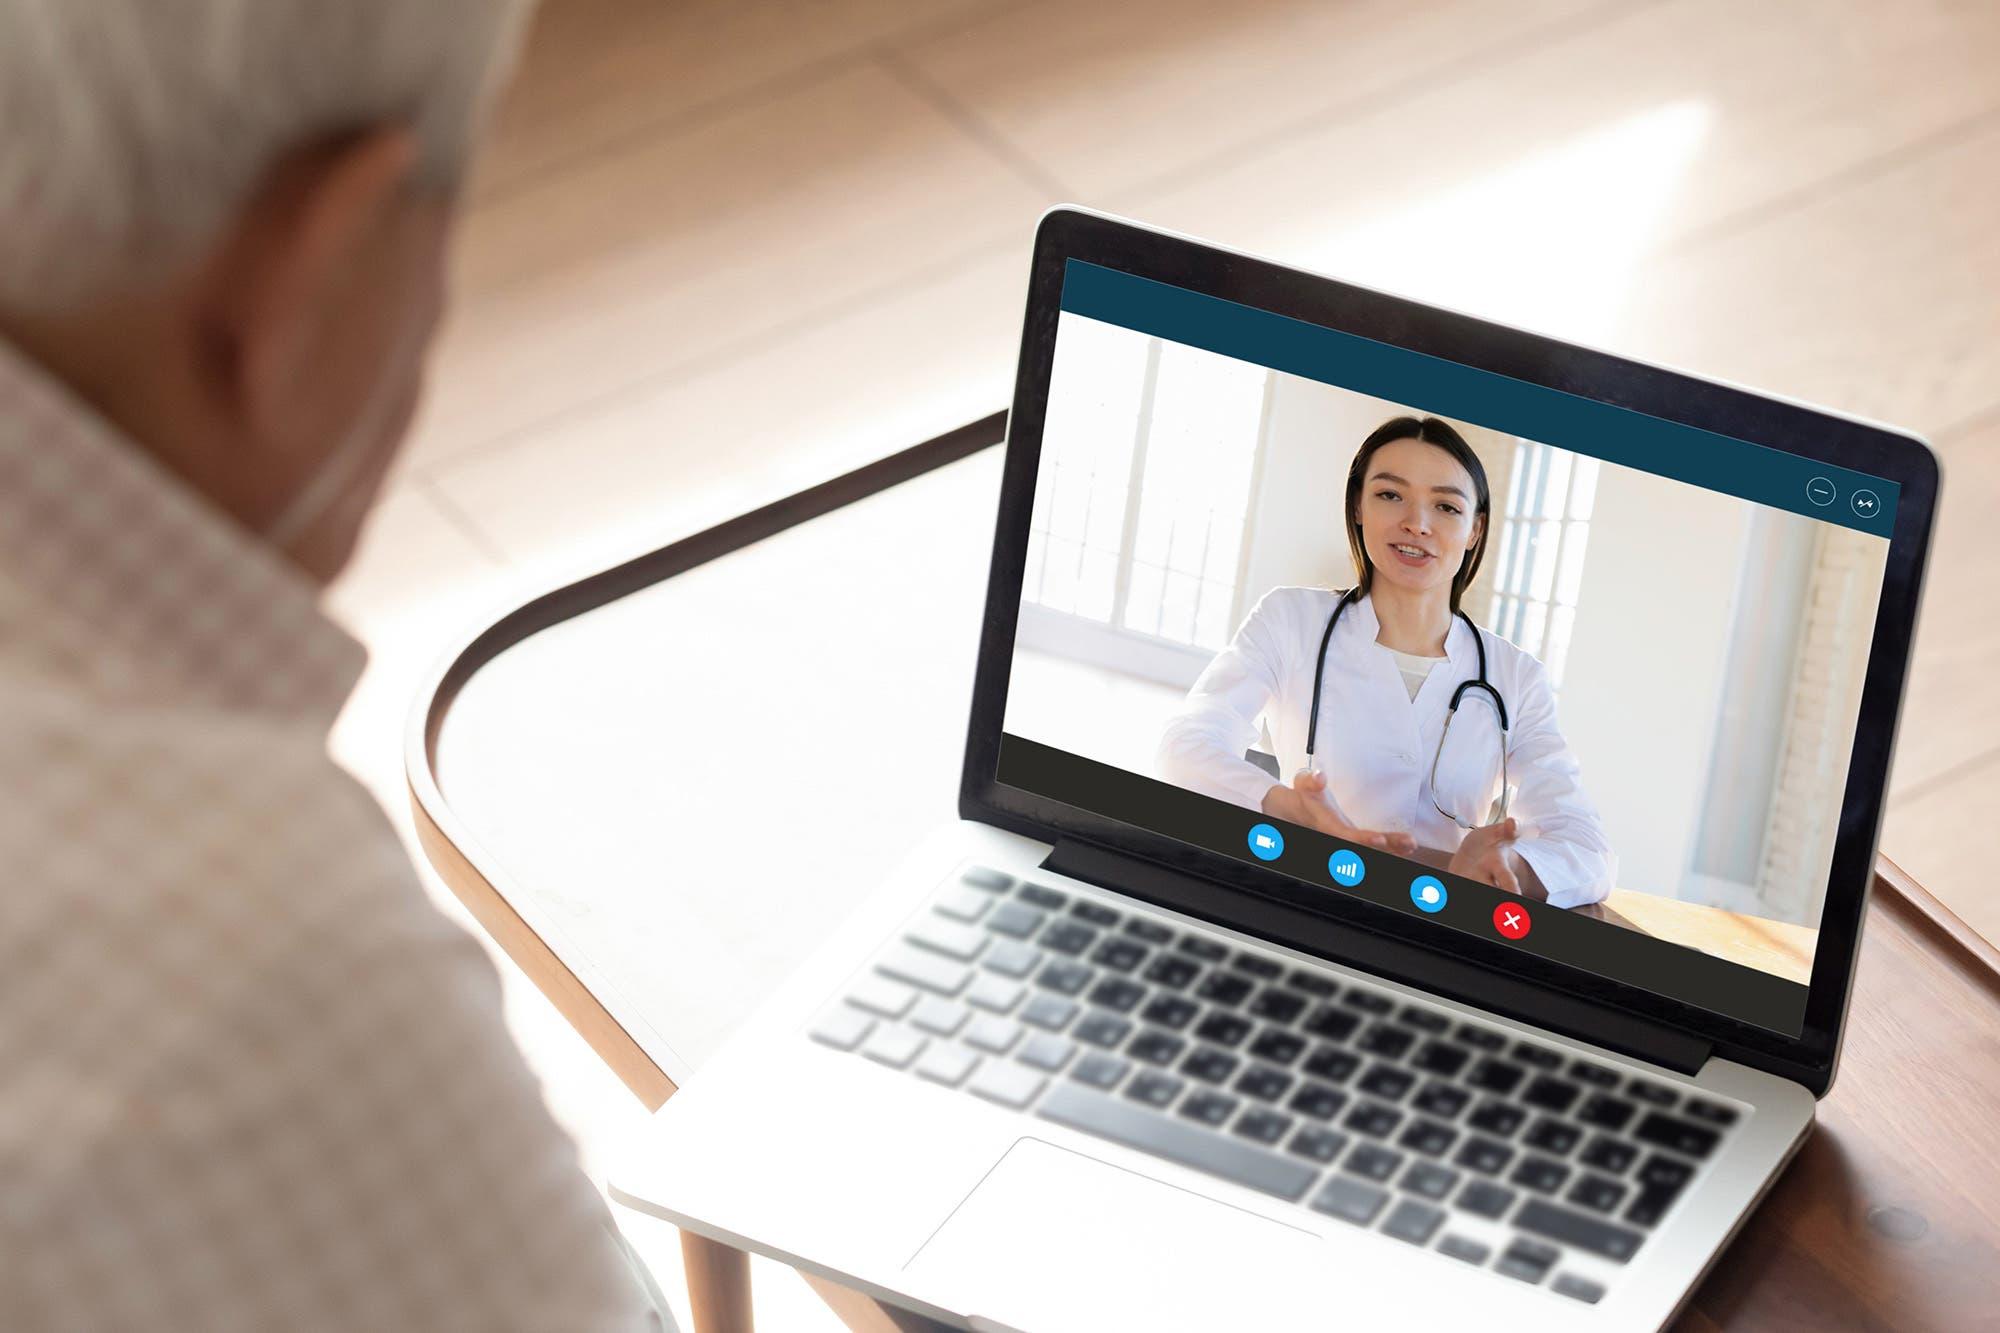 Coronavirus: anticipan que tras la pandemia, la telemedicina se usará en el 80% de las consultas